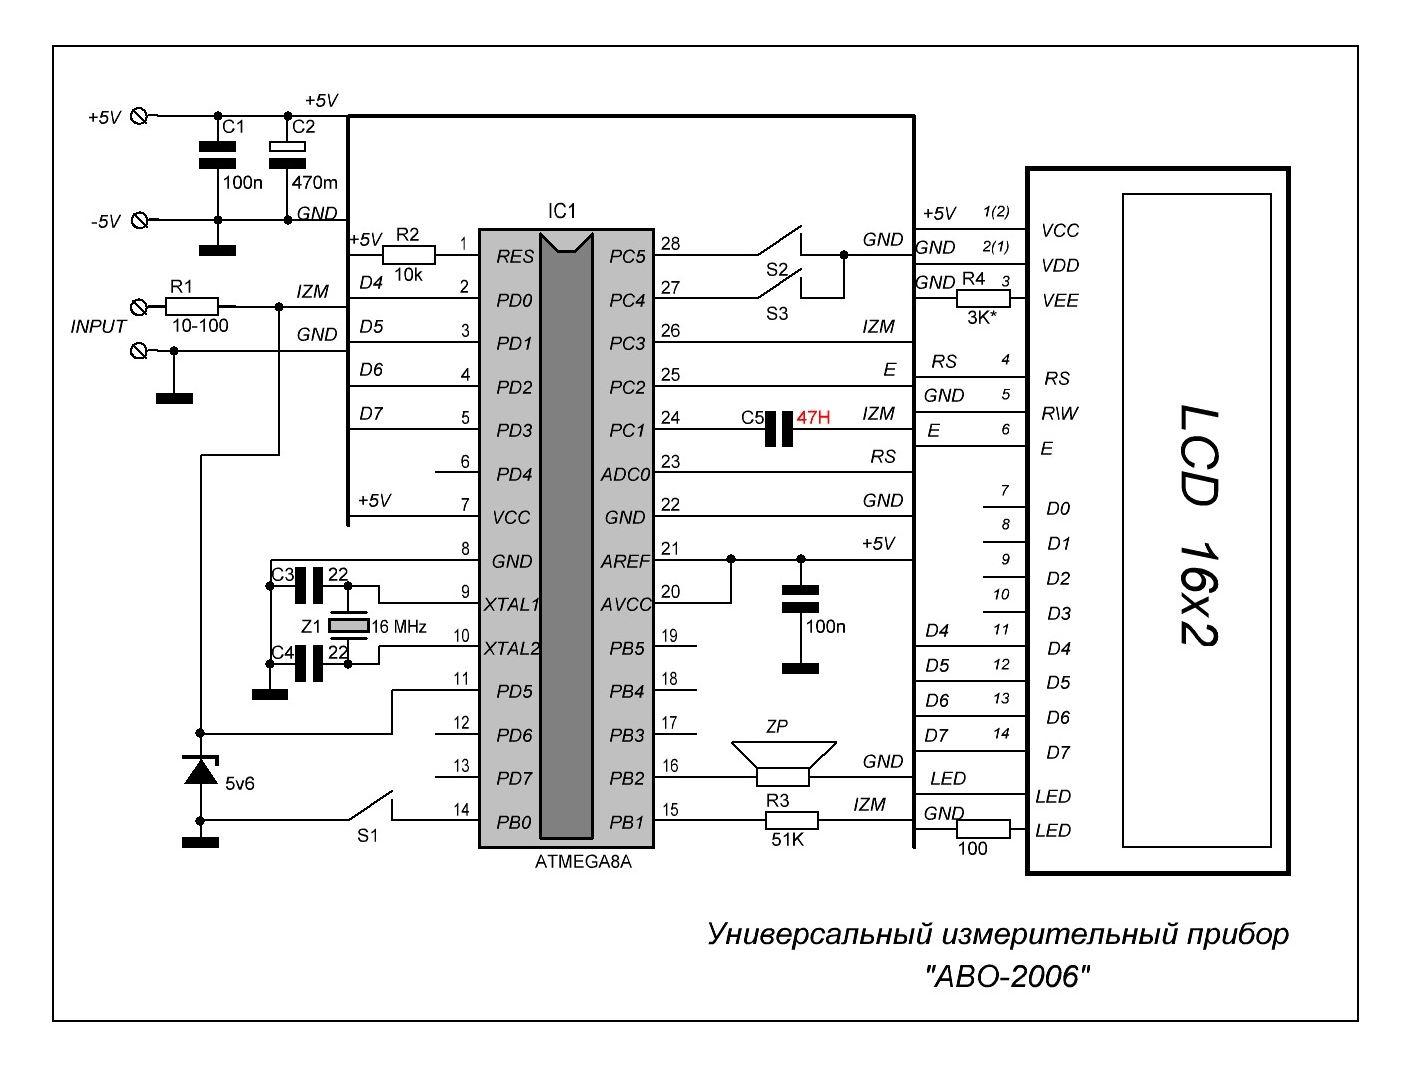 схема измерителя rlc на avr микроконтроллерах